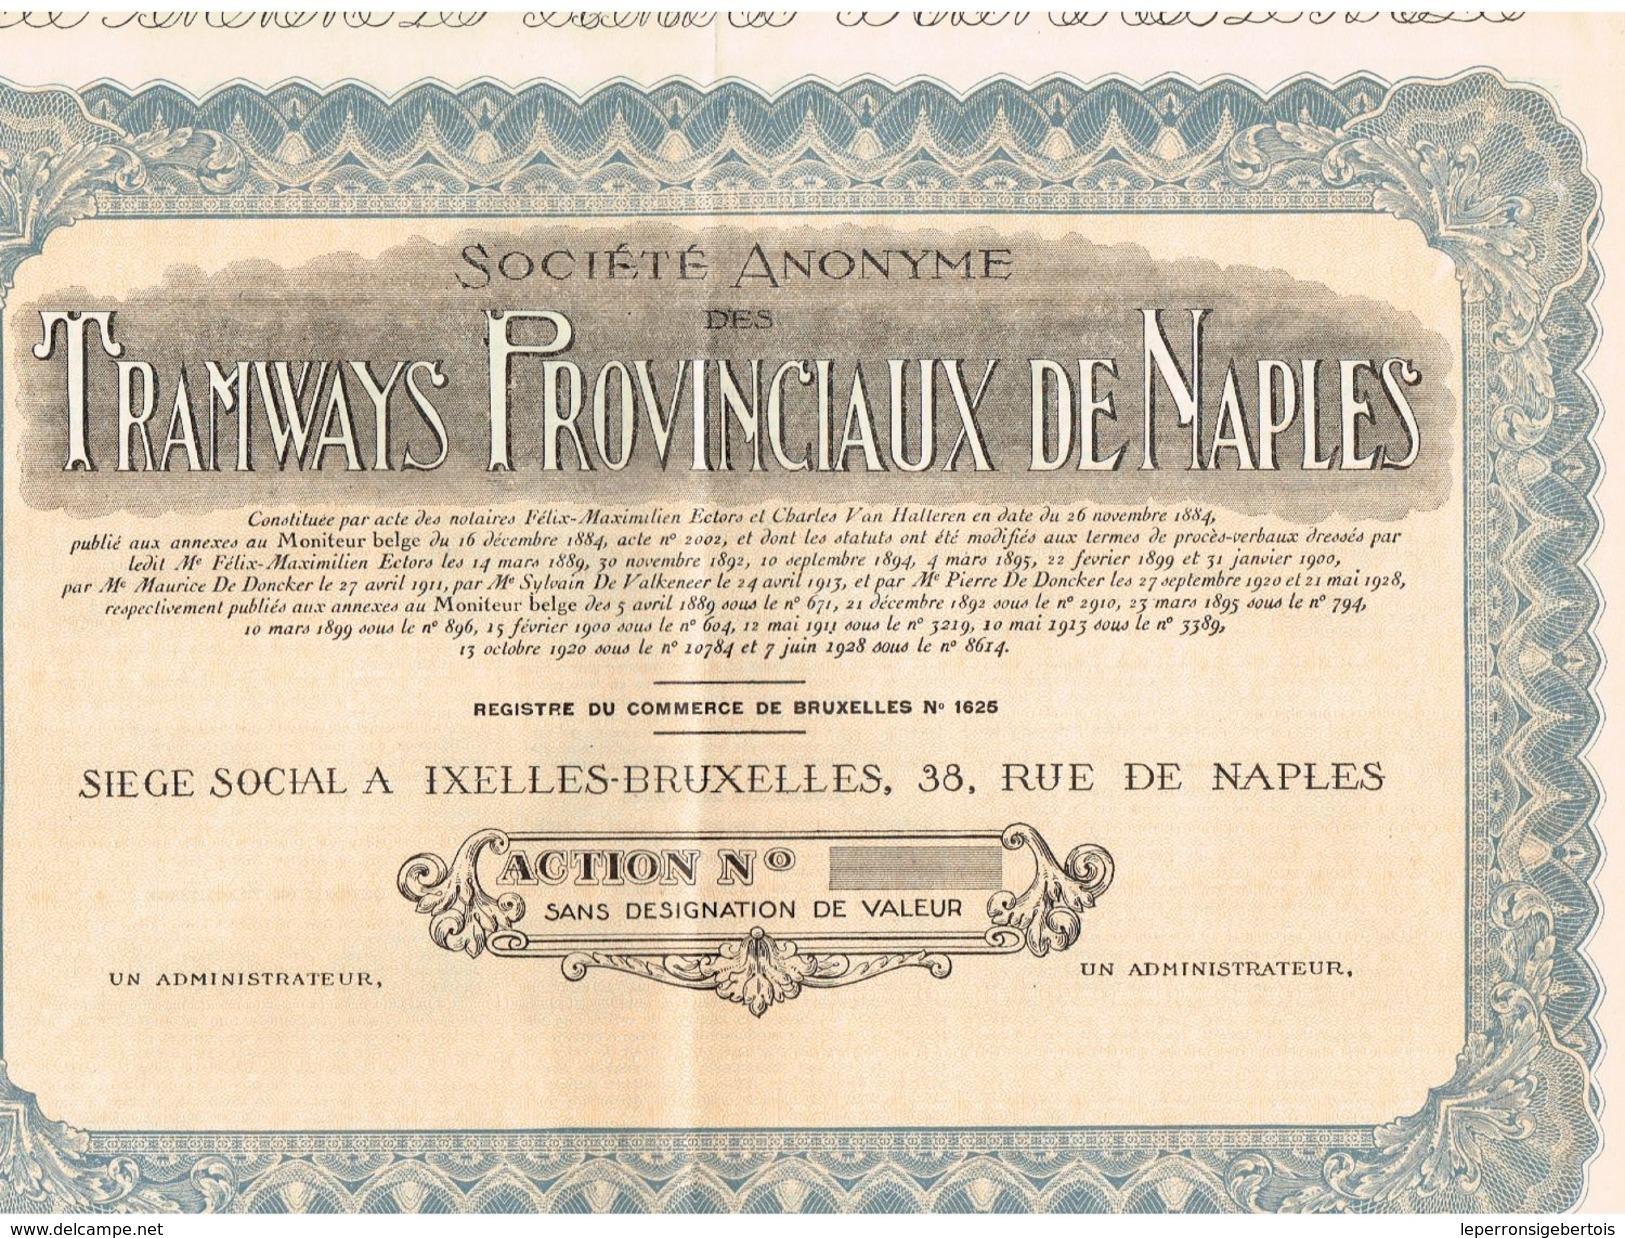 Action Uncirculed - Société Anonyme Des Tramways Provinciaux De Naples - Titre De 1928 - Chemin De Fer & Tramway